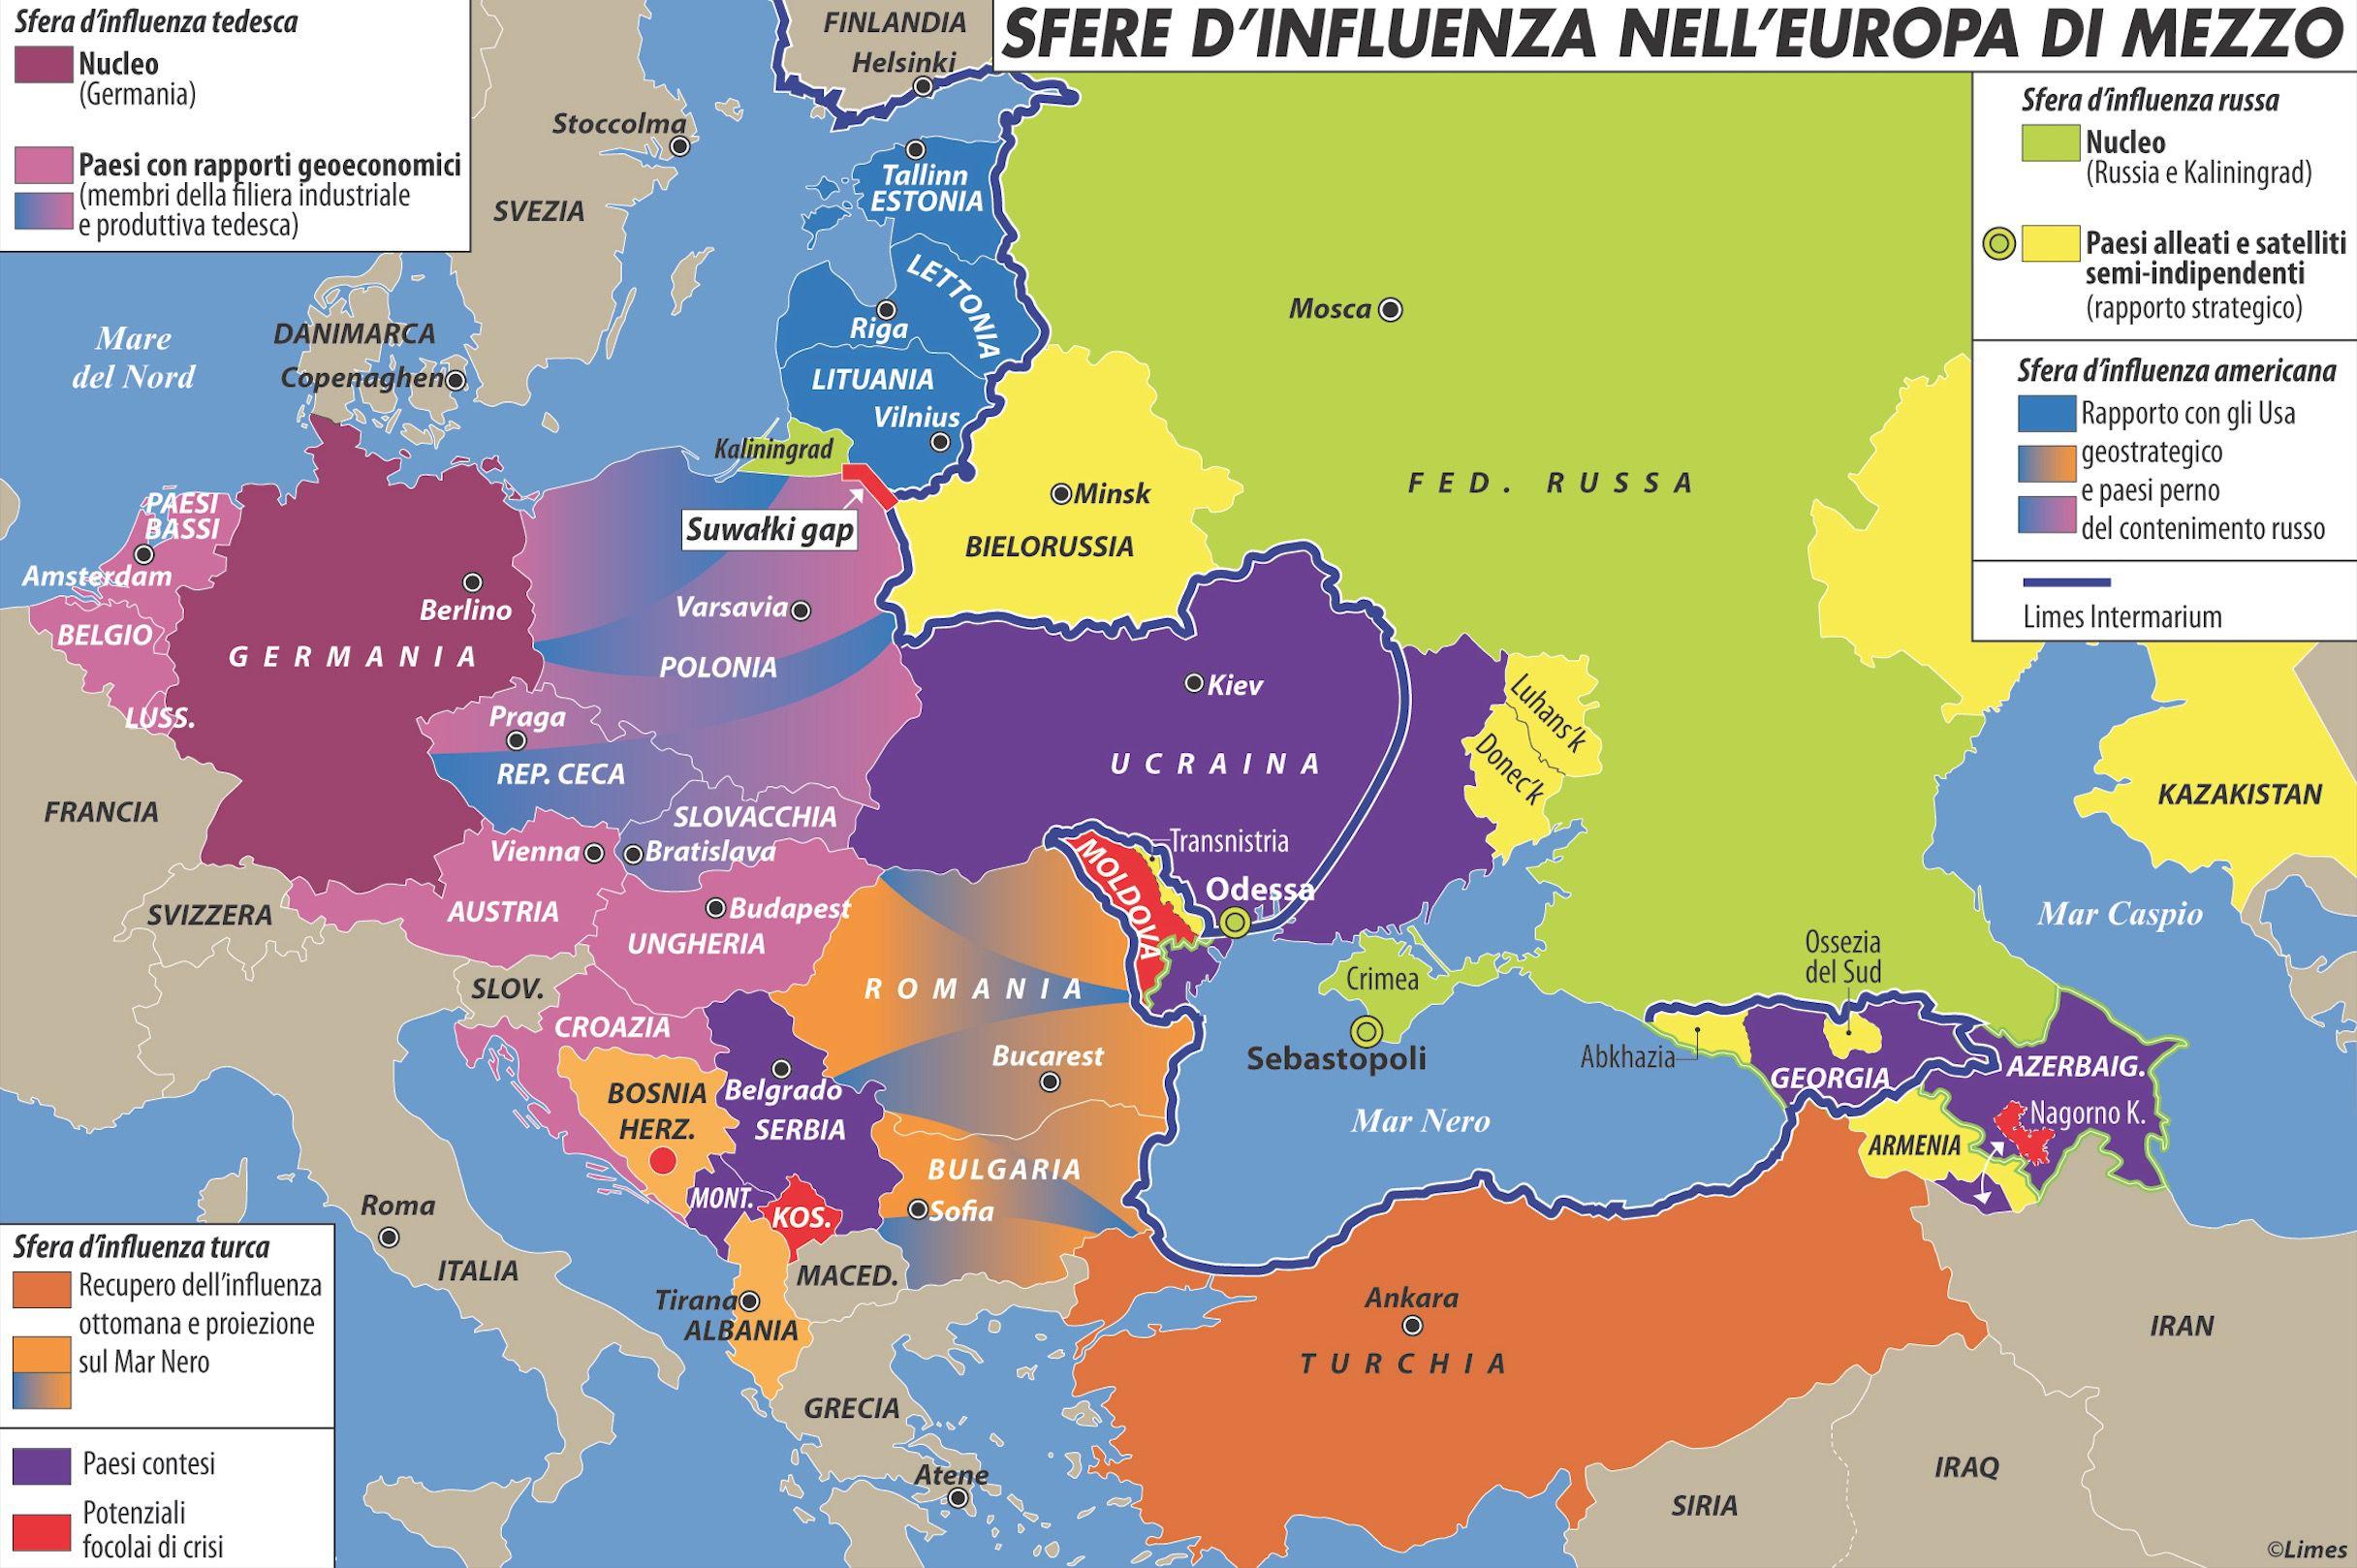 Sfere d'influenza nell'Europa di mezzo